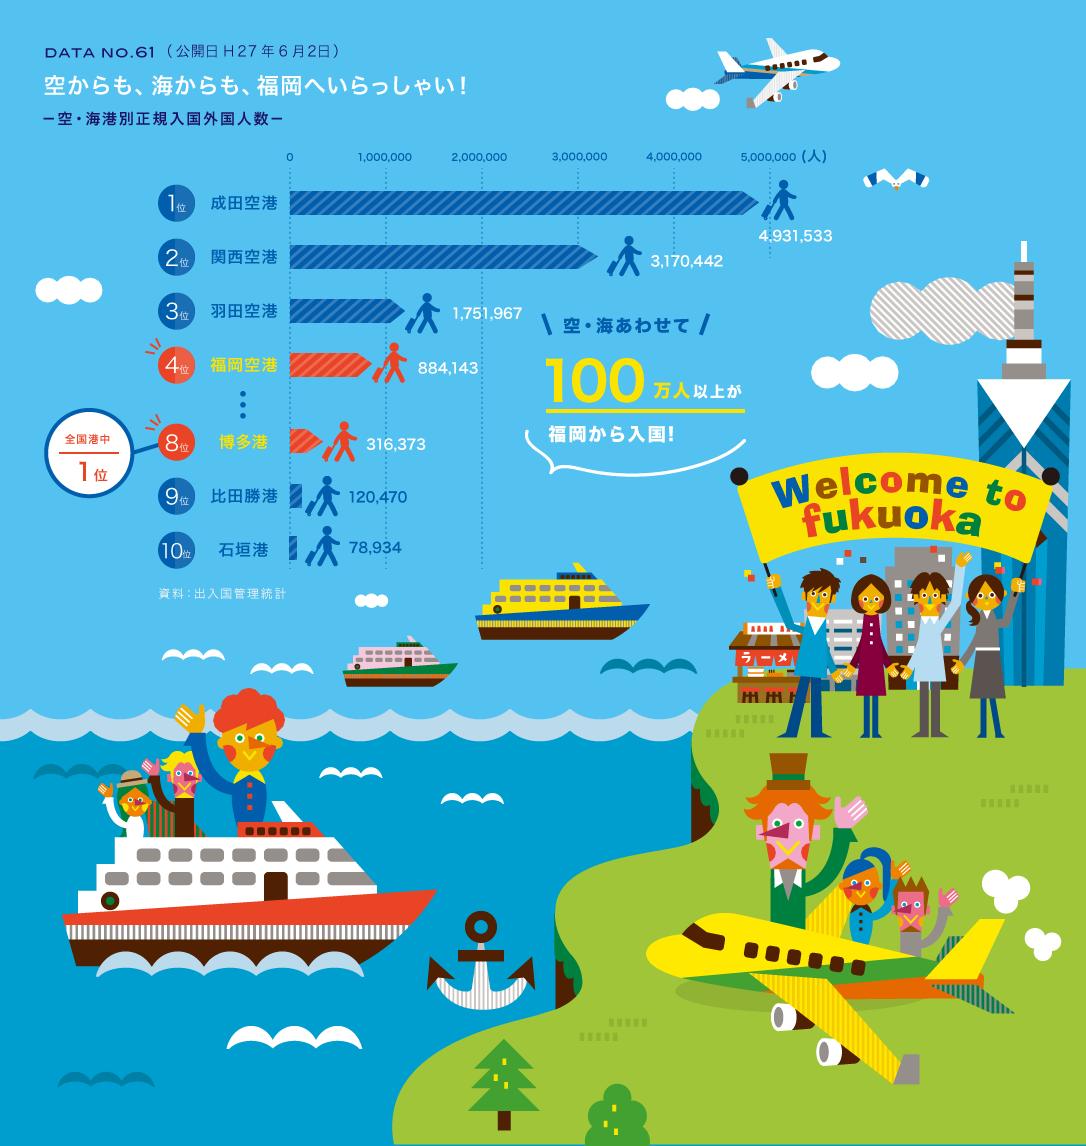 インフォグラフィック:アジアのハブを目指す福岡空港が大健闘!外国人入国者数ランキング